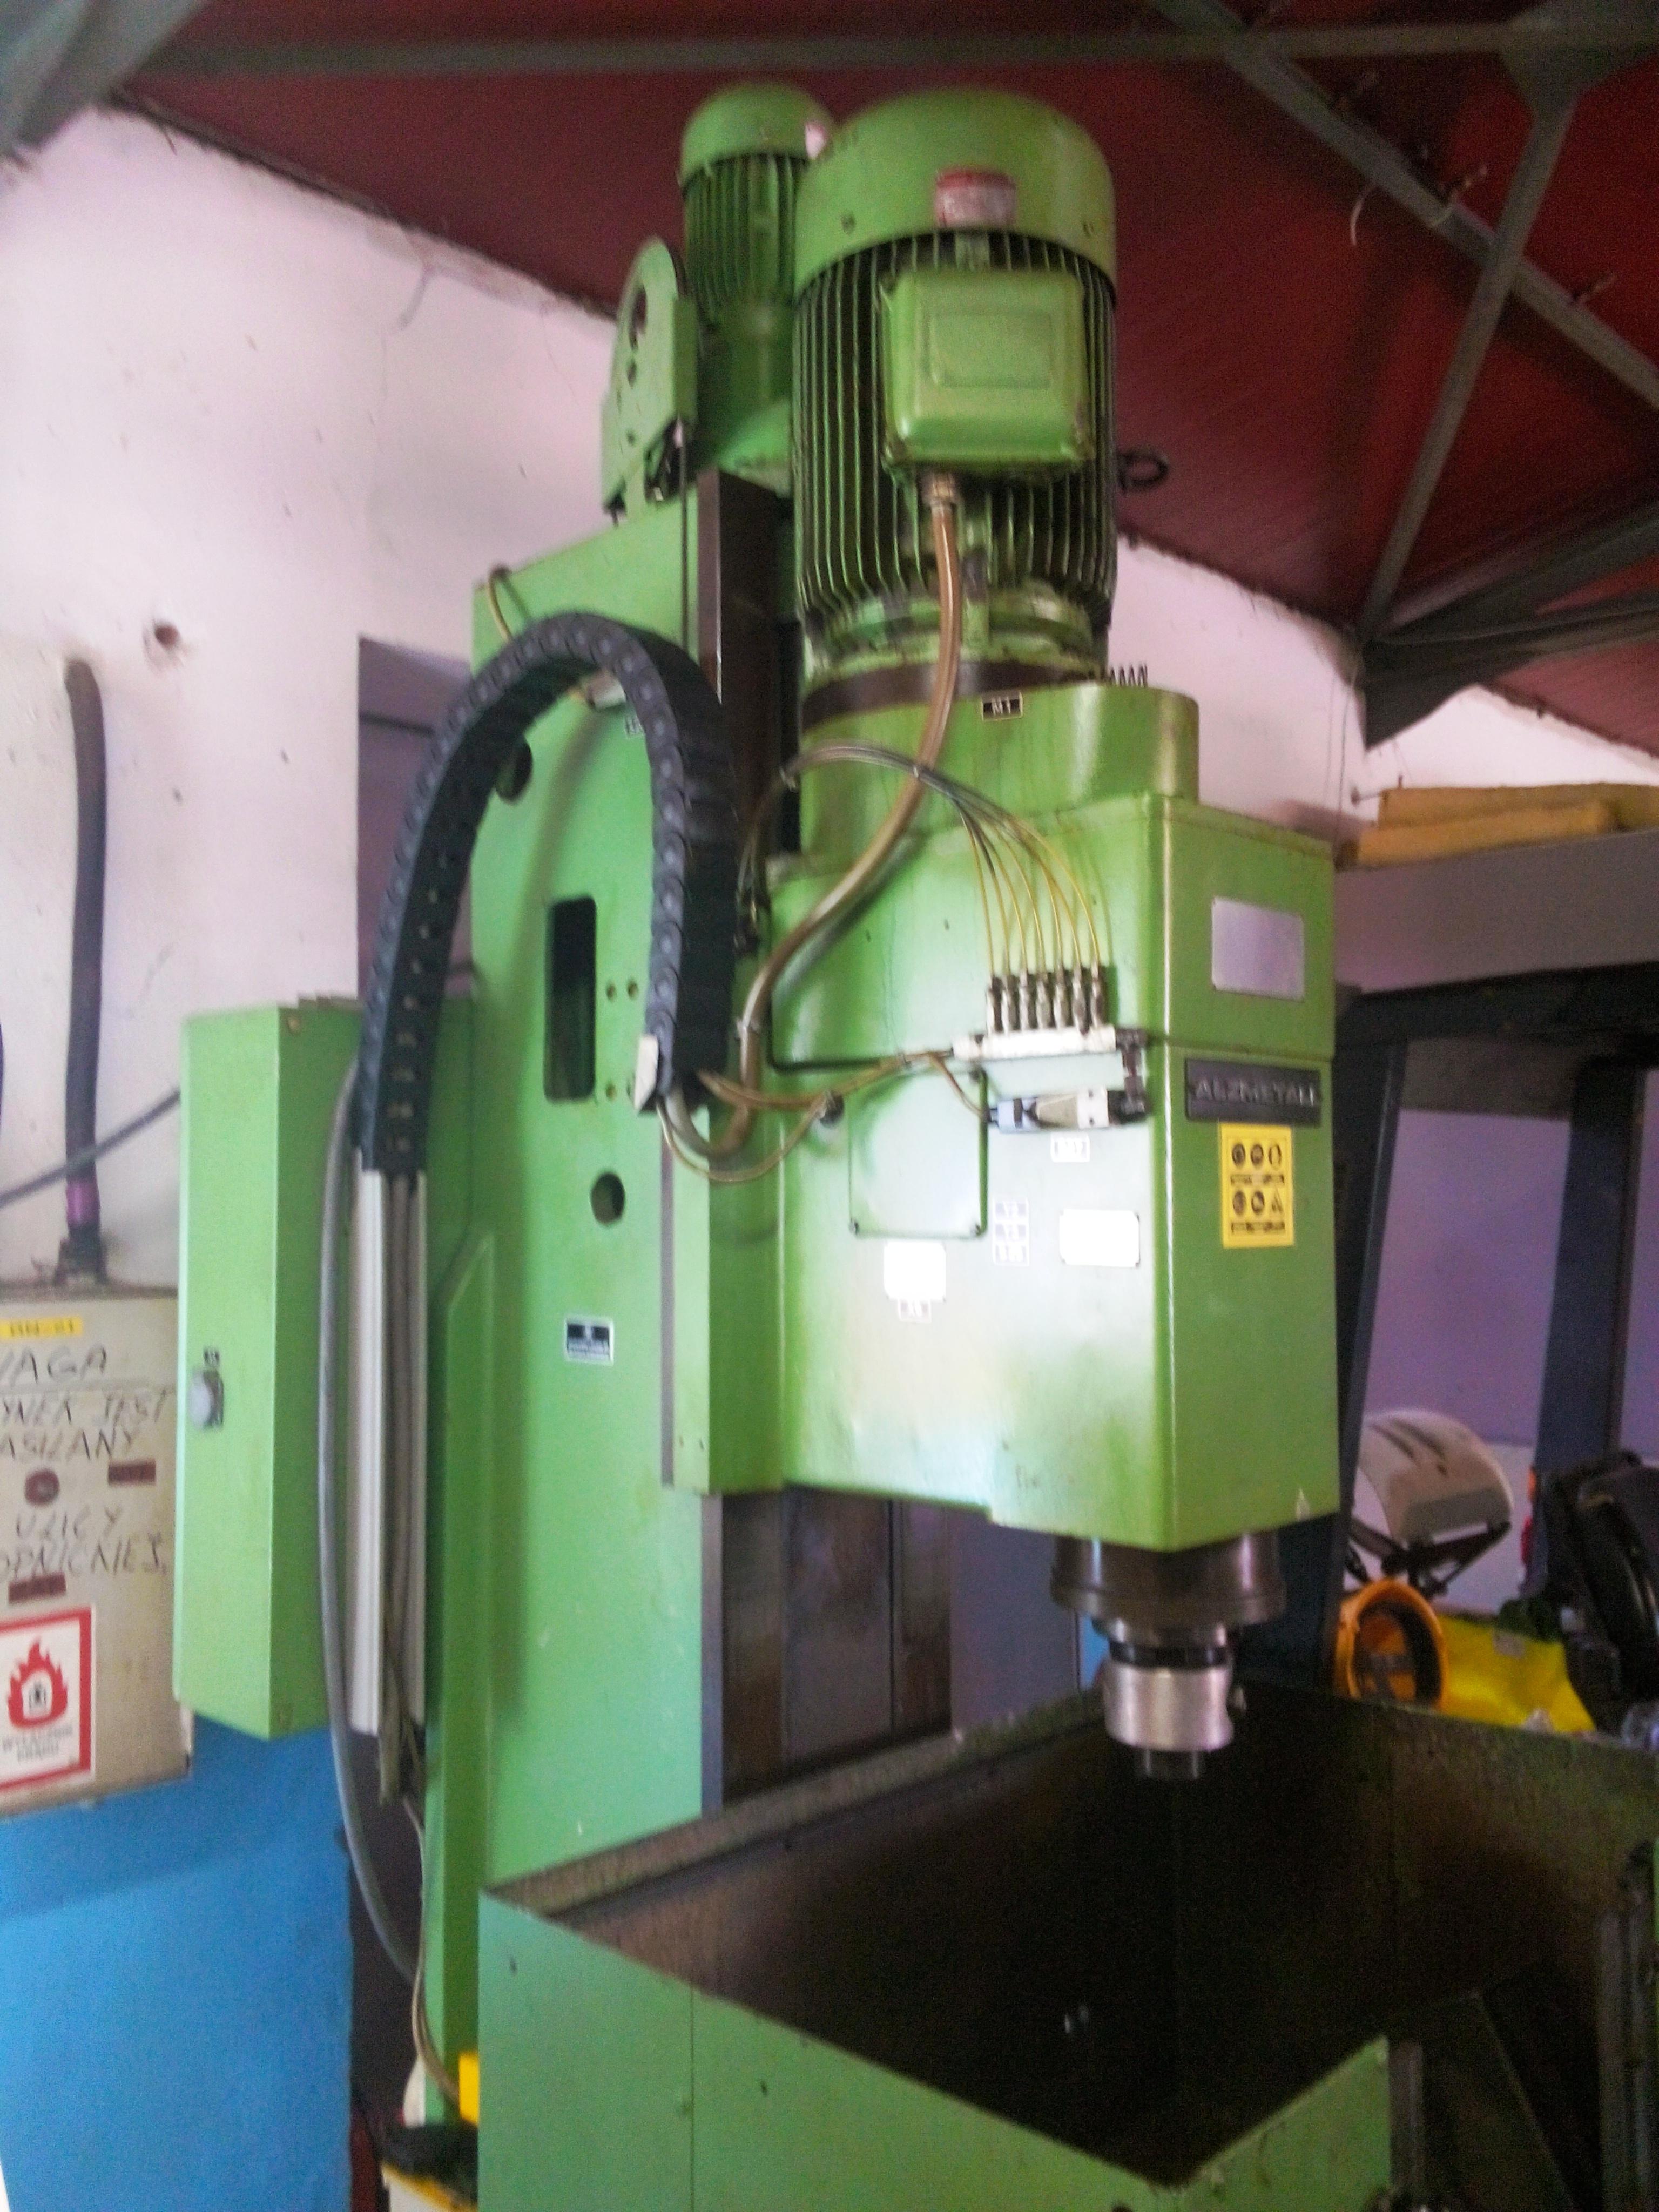 W Mega Wiertarka-frezarka kadłubowa Alzmetall Abomt 50 Maszyny używane DF15